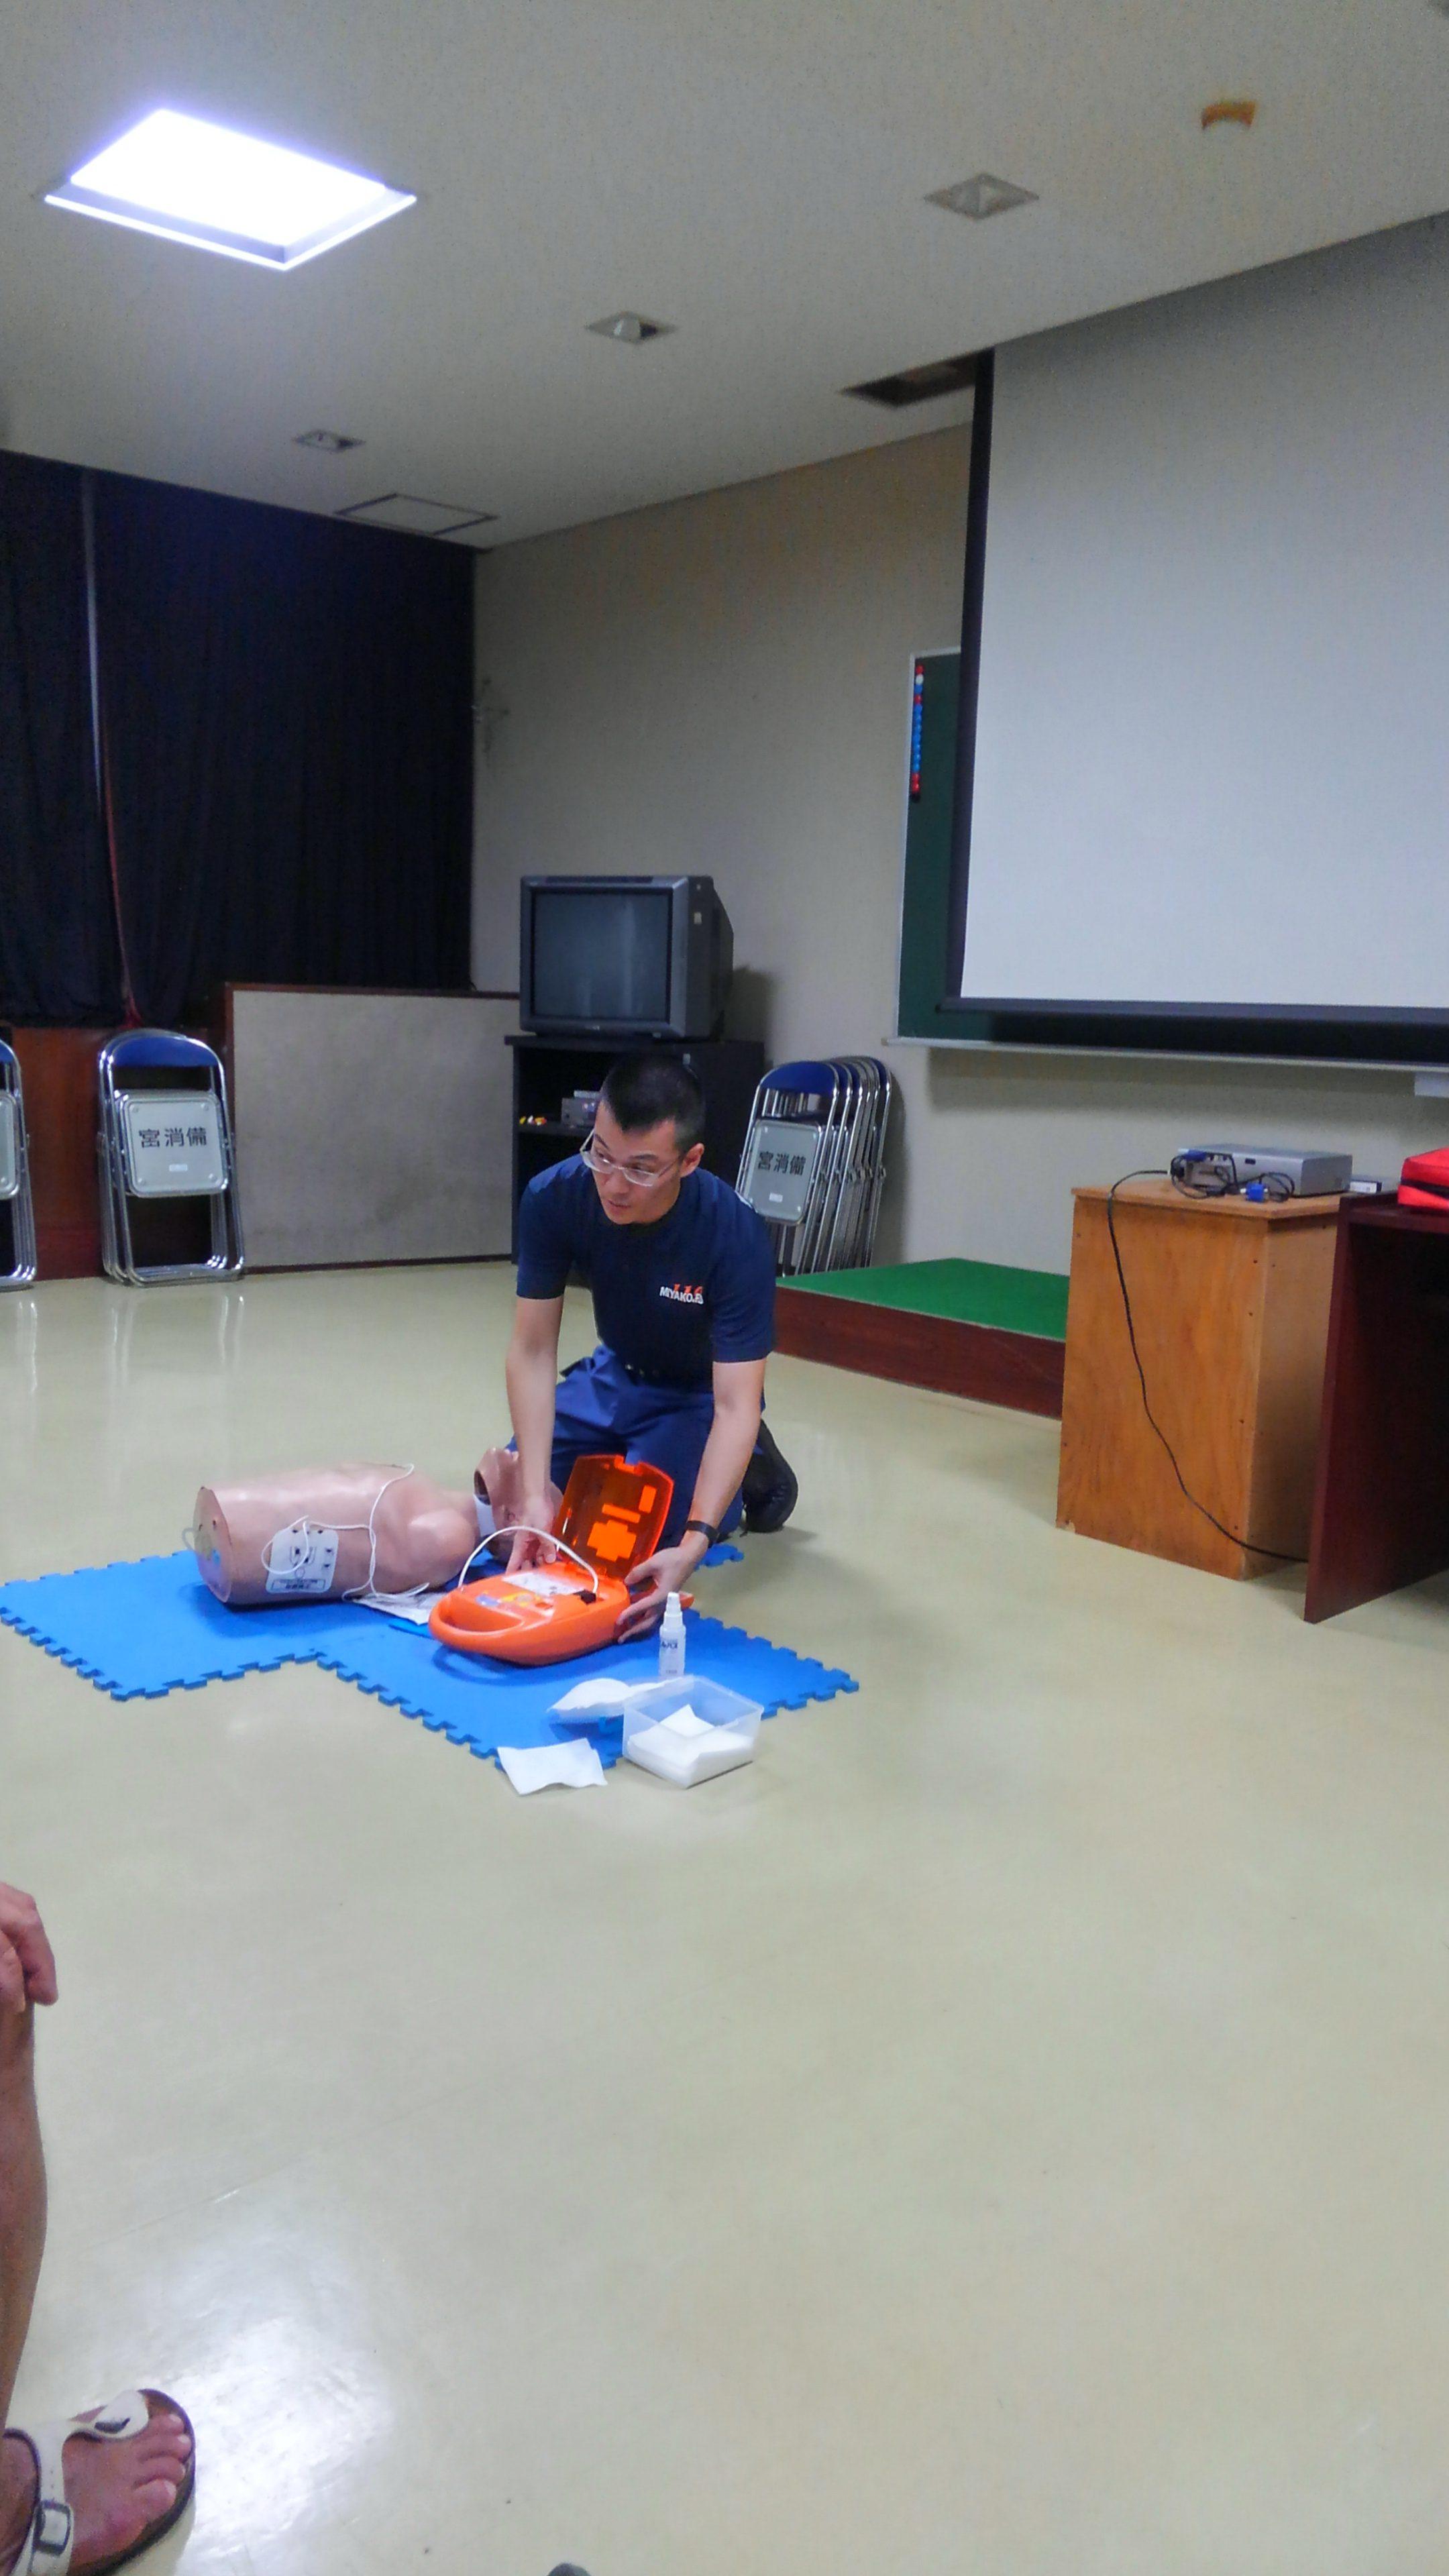 2017年12月4日OMSB主催レスキュ-/CPR講習会